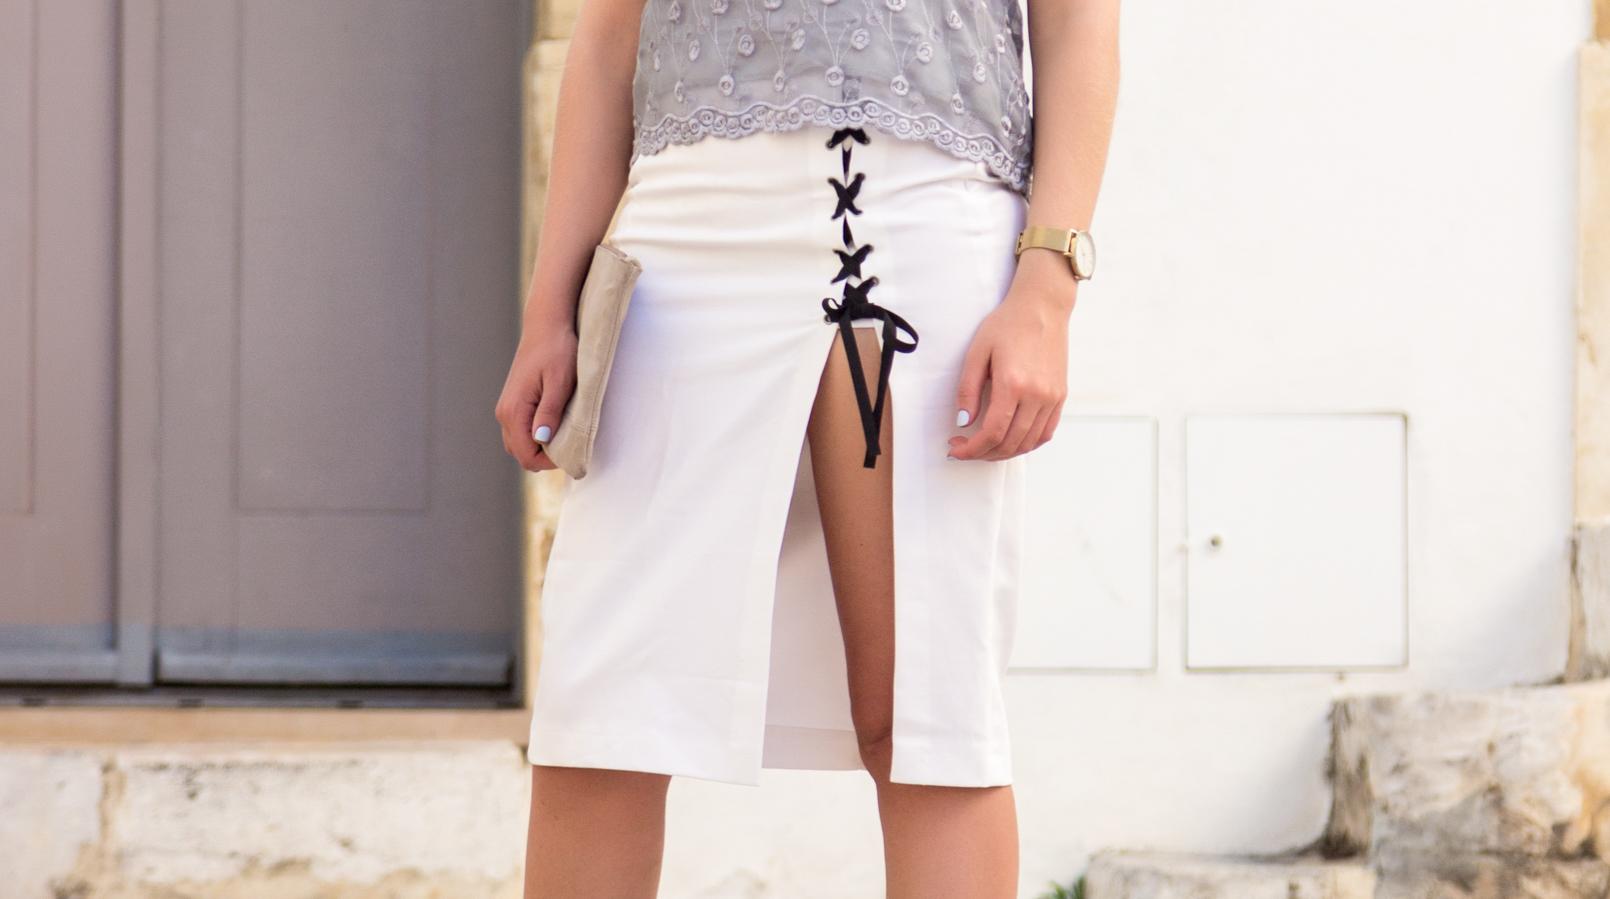 Le Fashionaire Como usar a saia pencil com ténis saia pencil branca racha atilhos fita preta zara clutch pele bege sfera 5733F PT